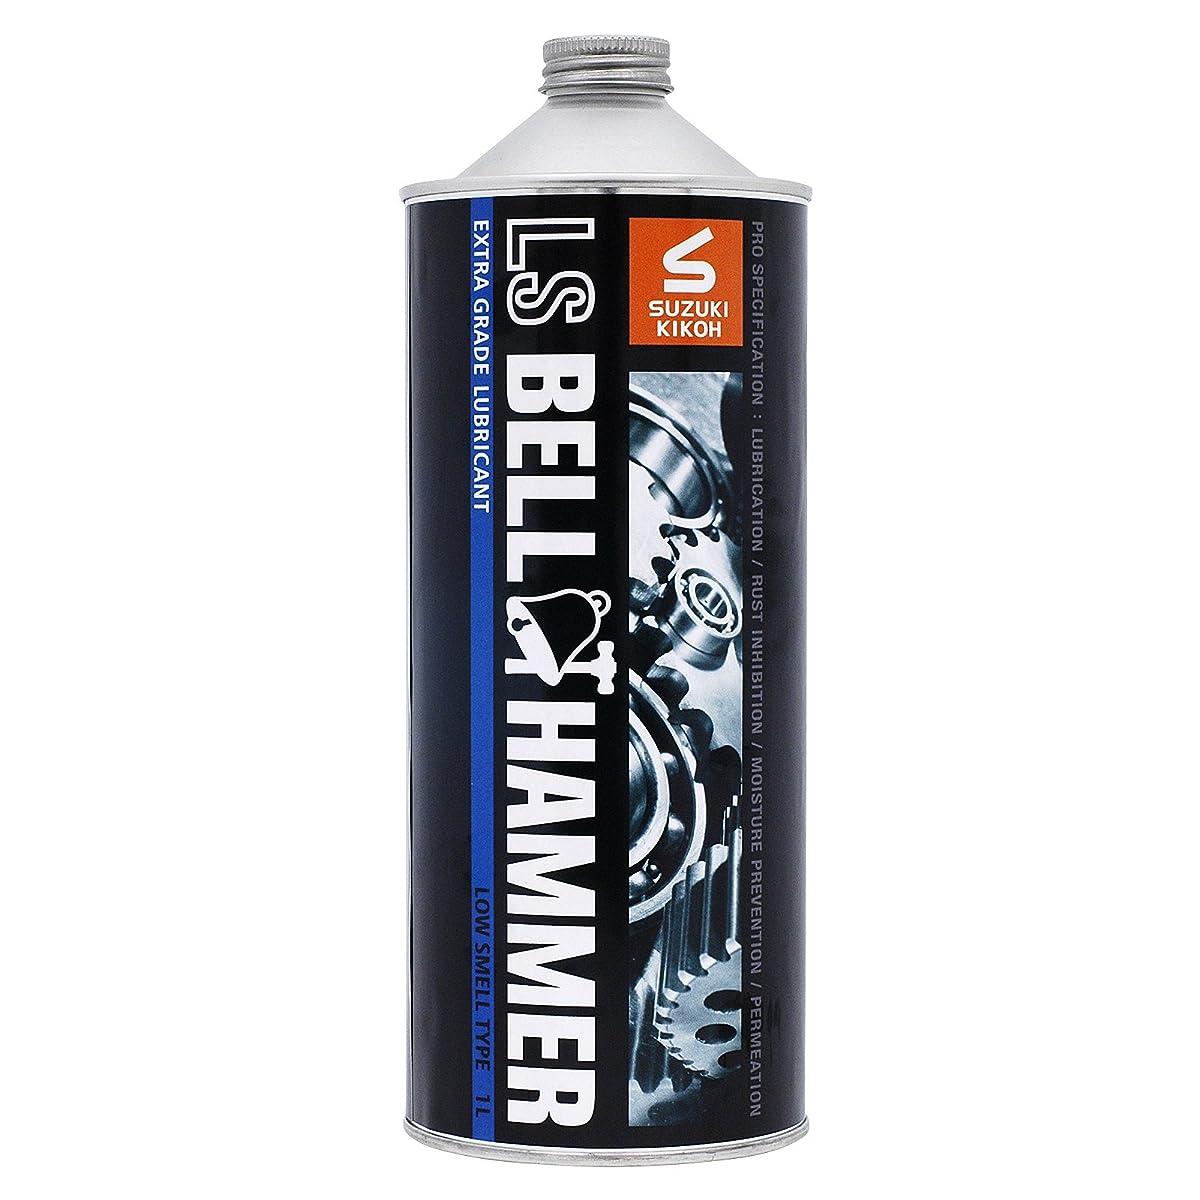 協会出撃者赤スズキ機工 超極圧潤滑剤 LSベルハンマー 原液1L缶 LSBH03